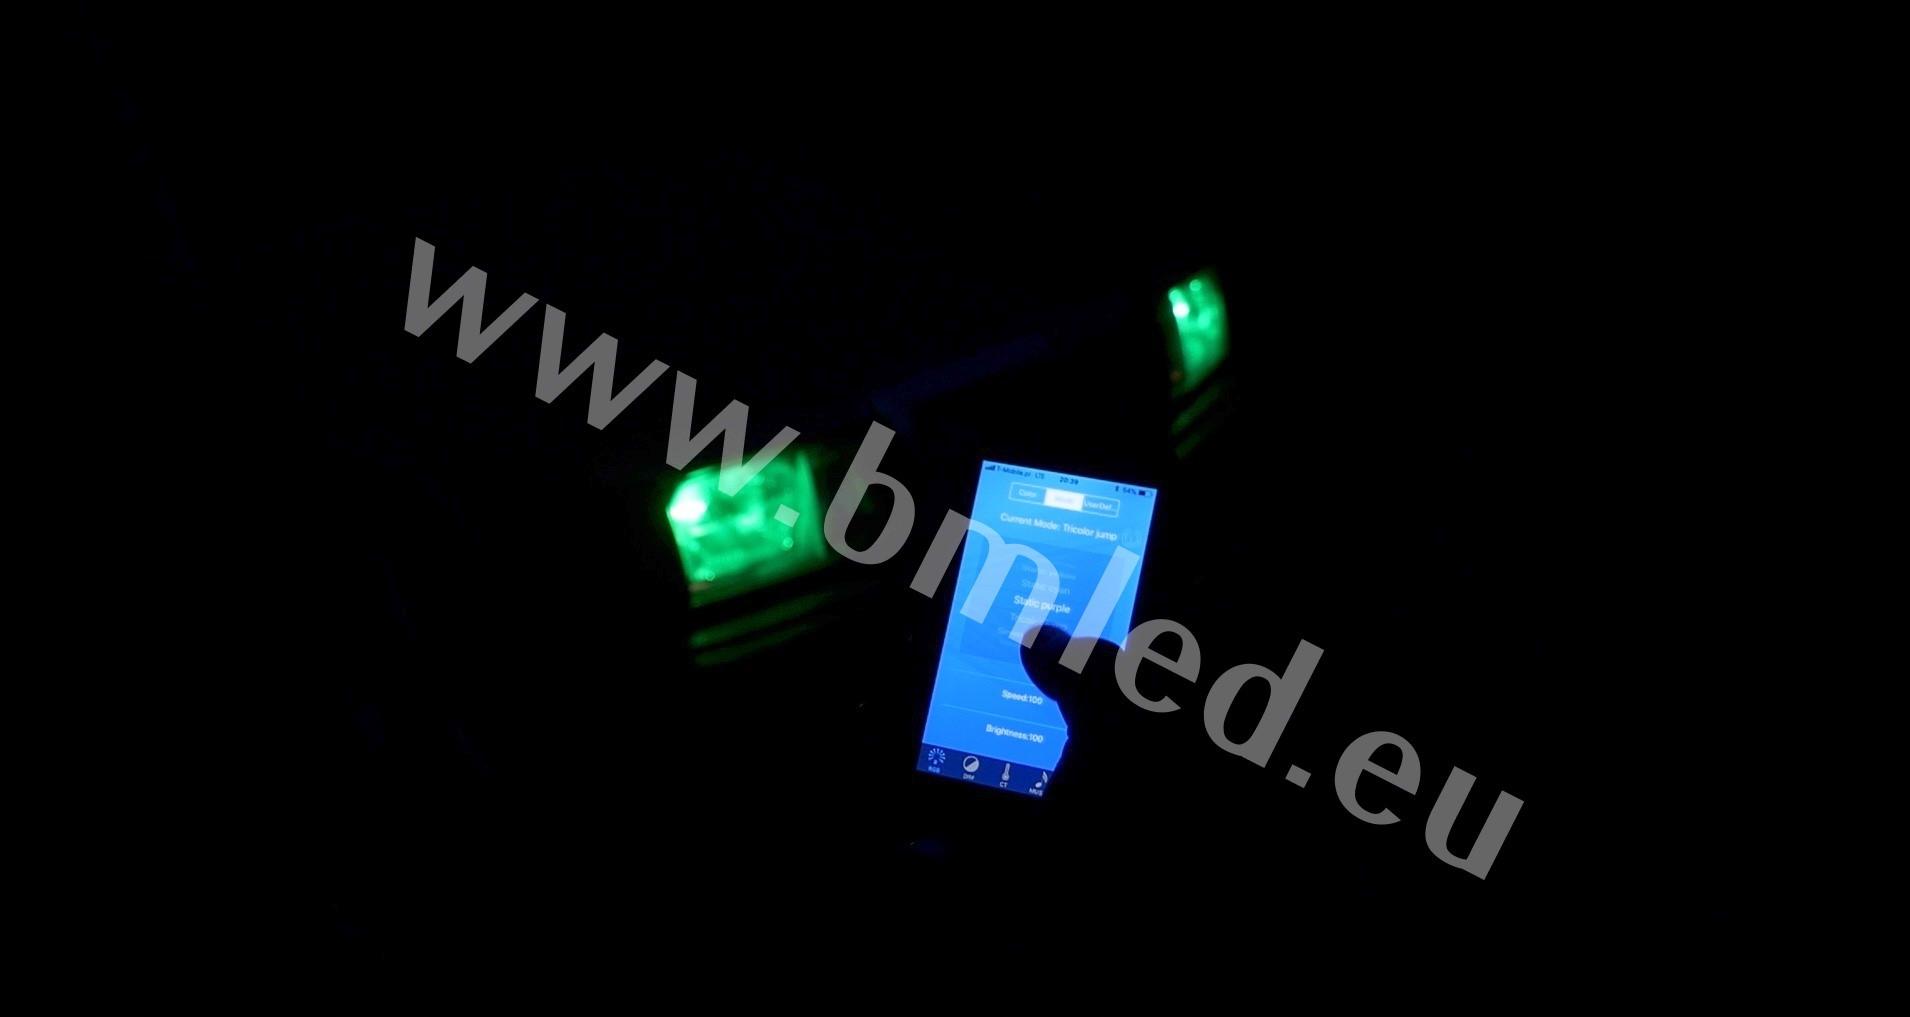 H7 Светодиодные лампы WIFI, авто светодиоды